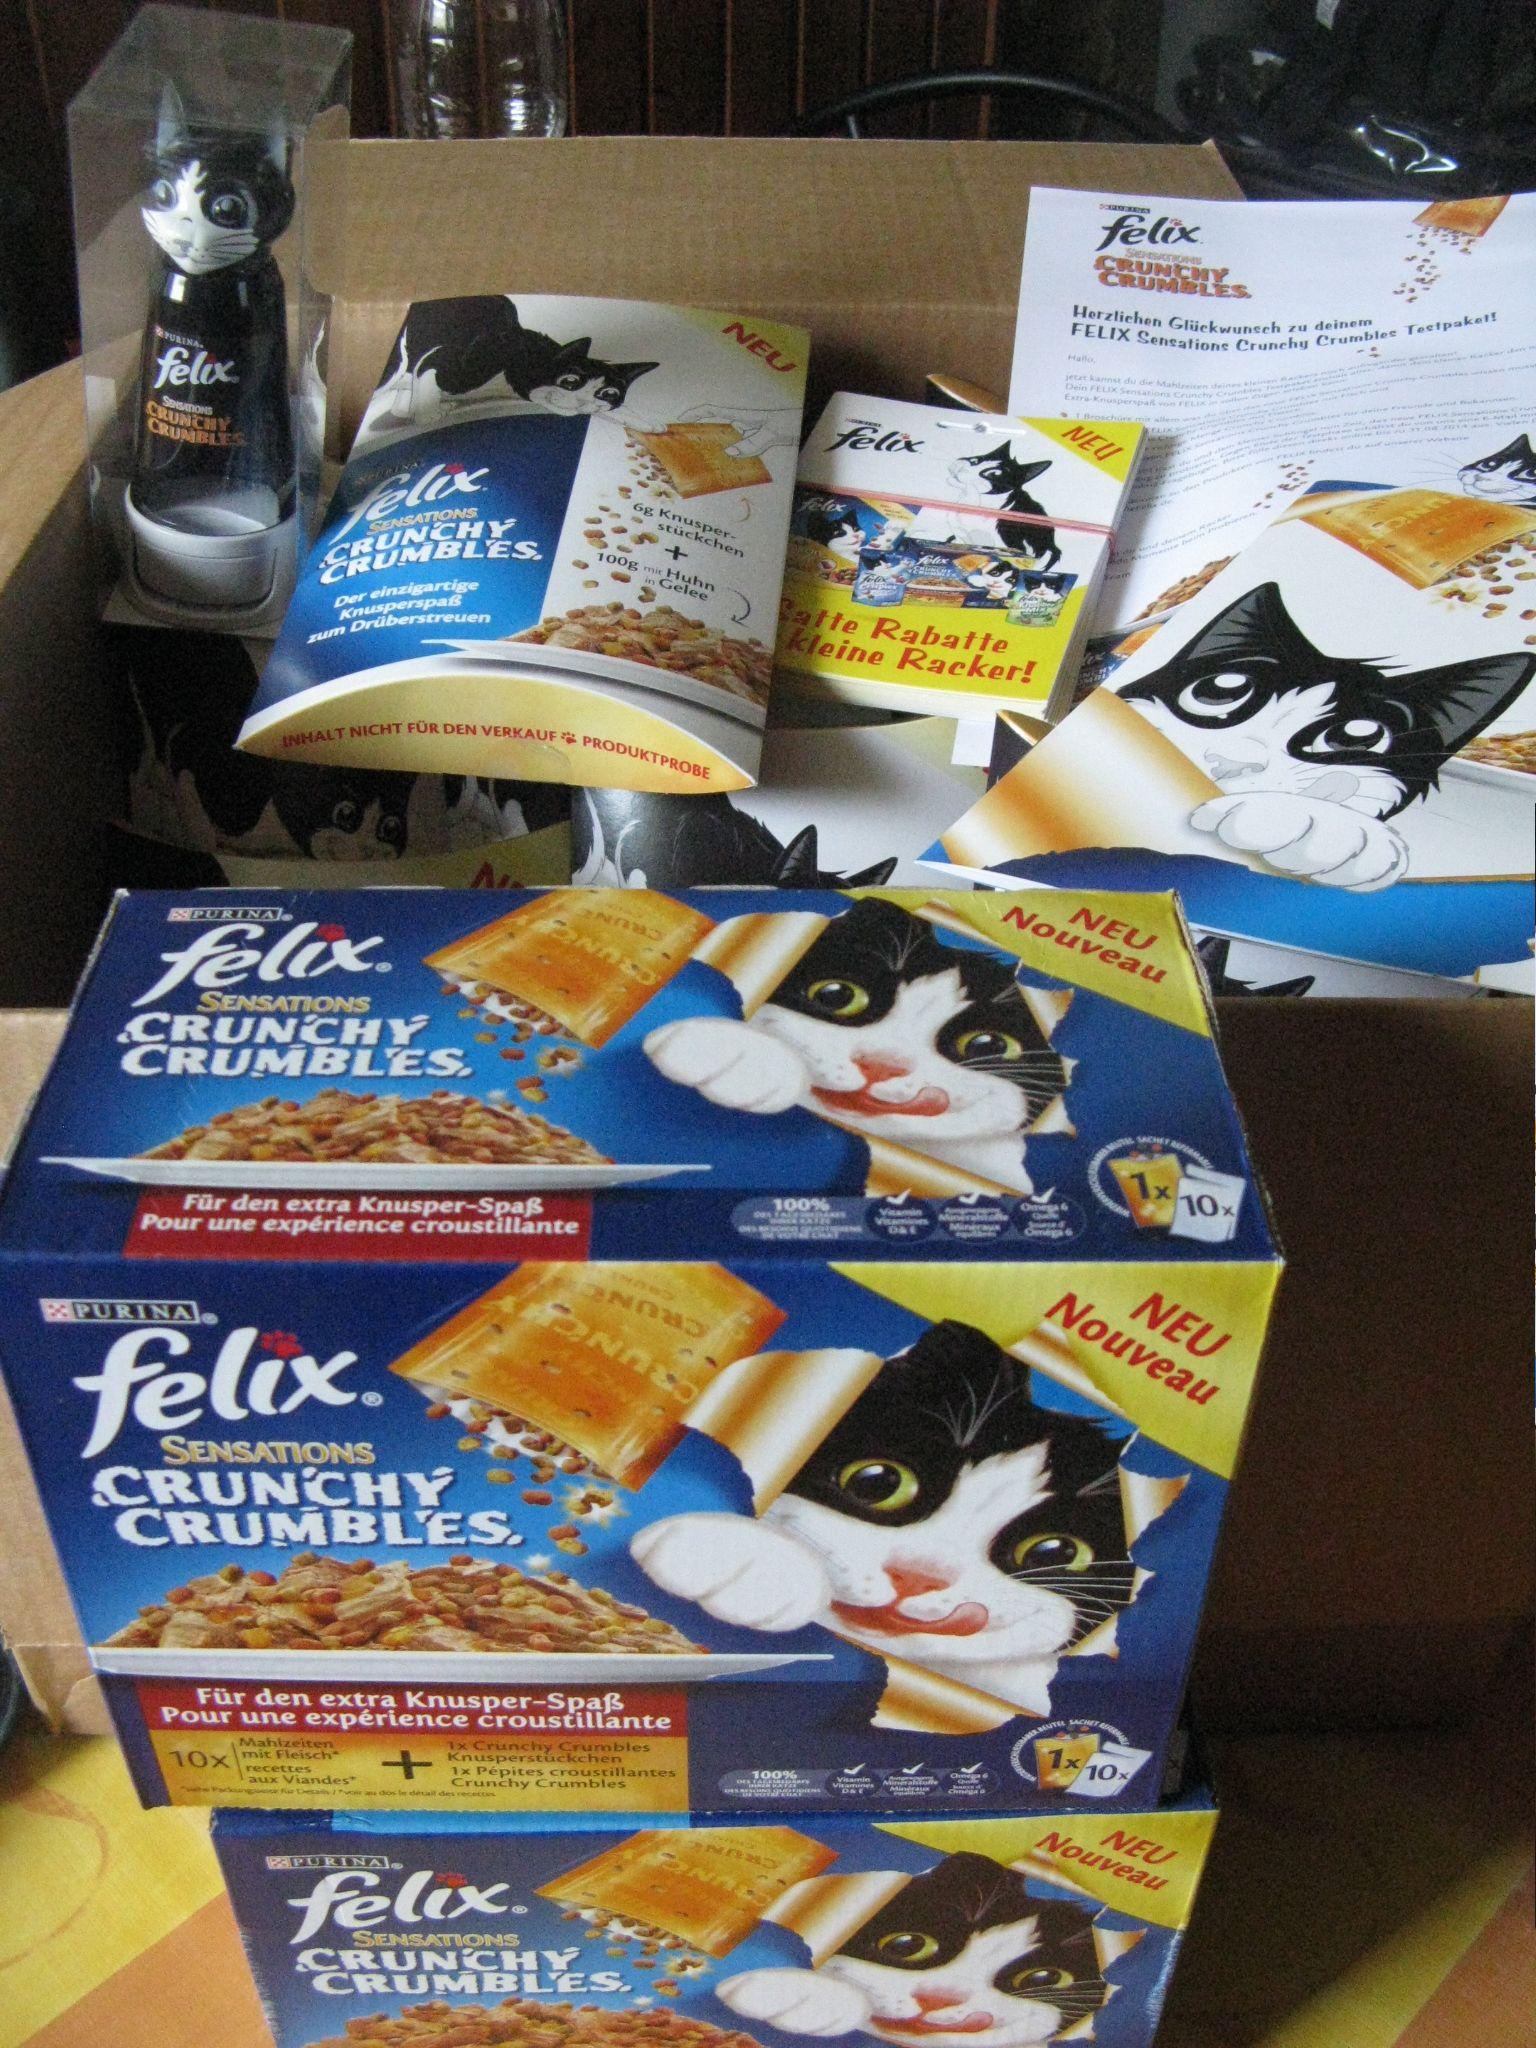 Felix Sensations Crunchy Crambles Mit Fisch Und Einmal Mit Fleisch